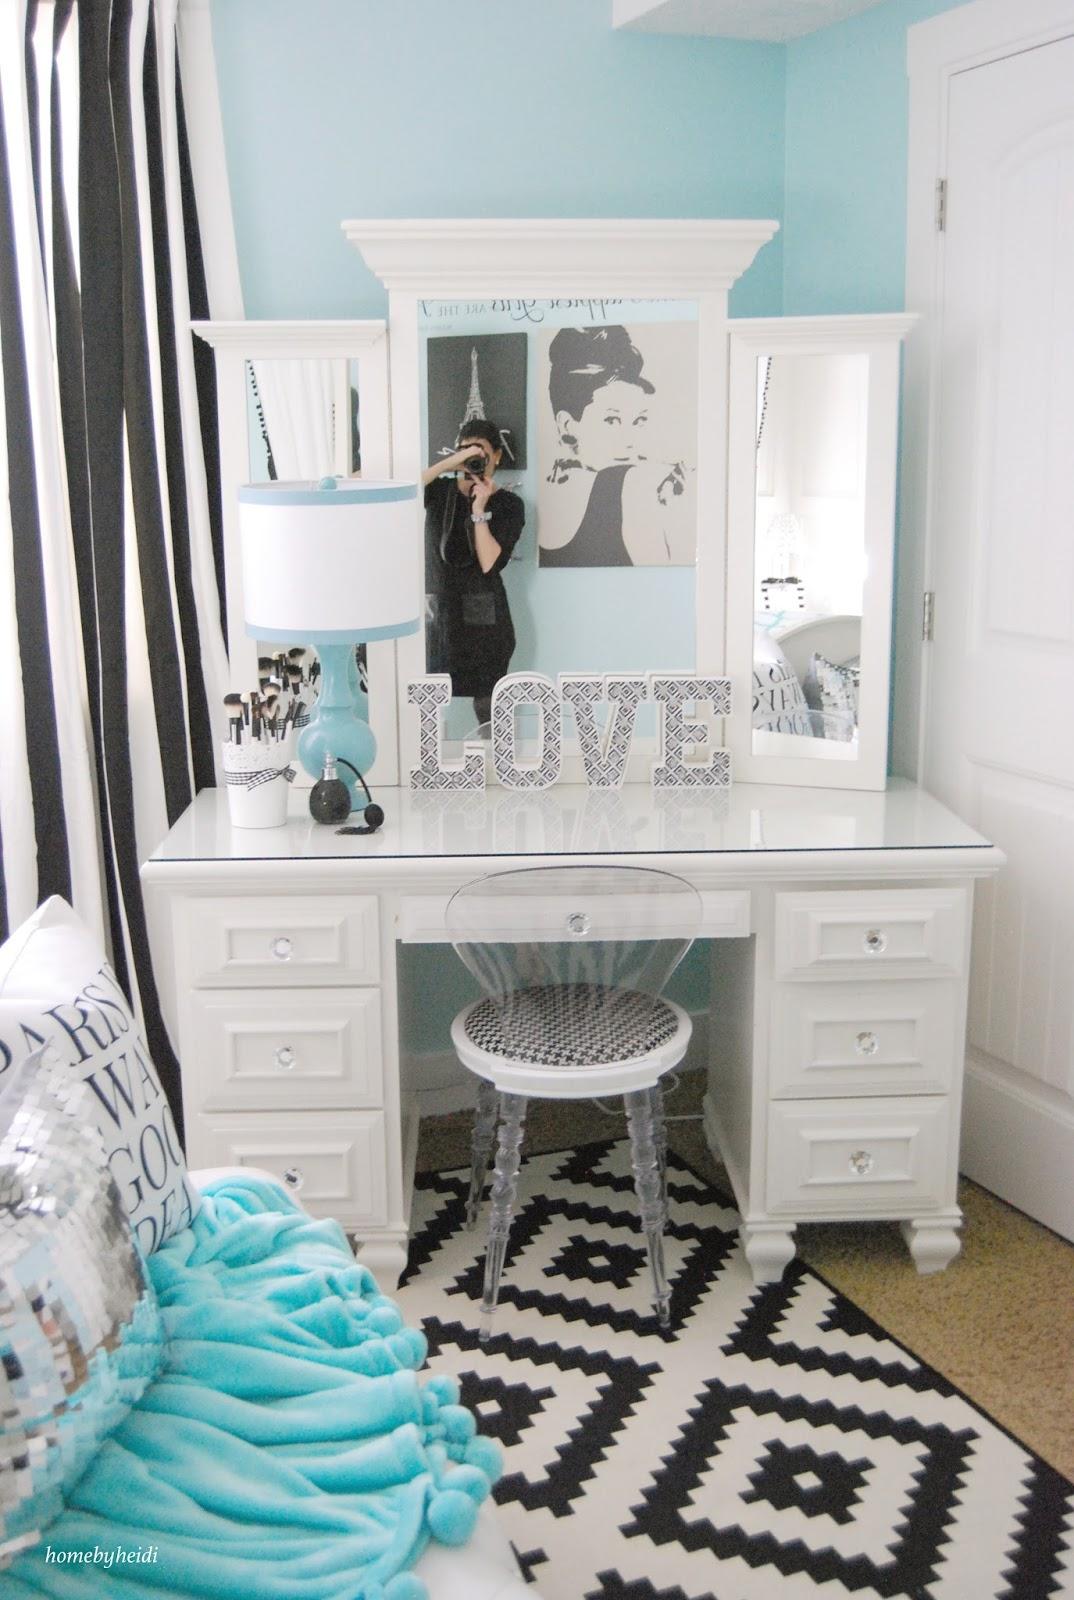 audrey hepburn bedroom | Ayathebook.com